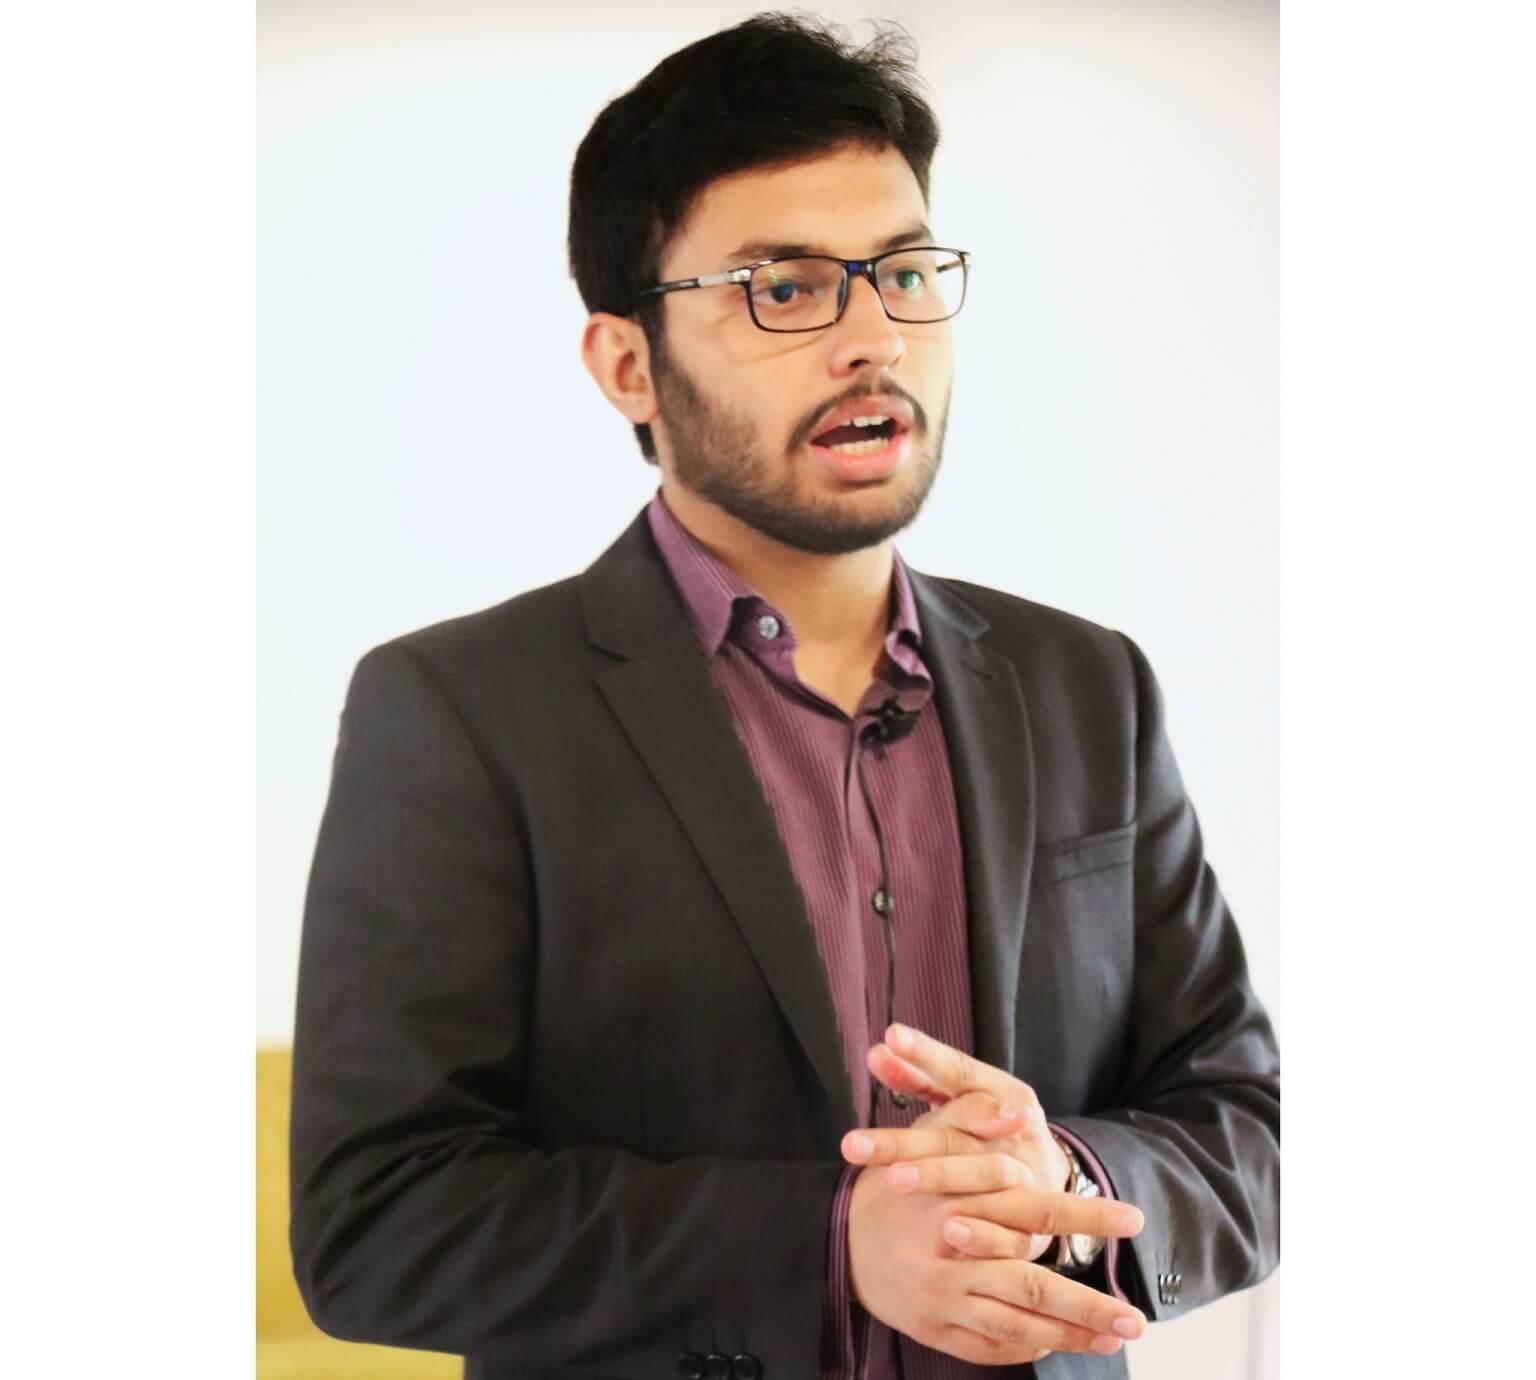 Engr. Muhammad Fahad Nasir